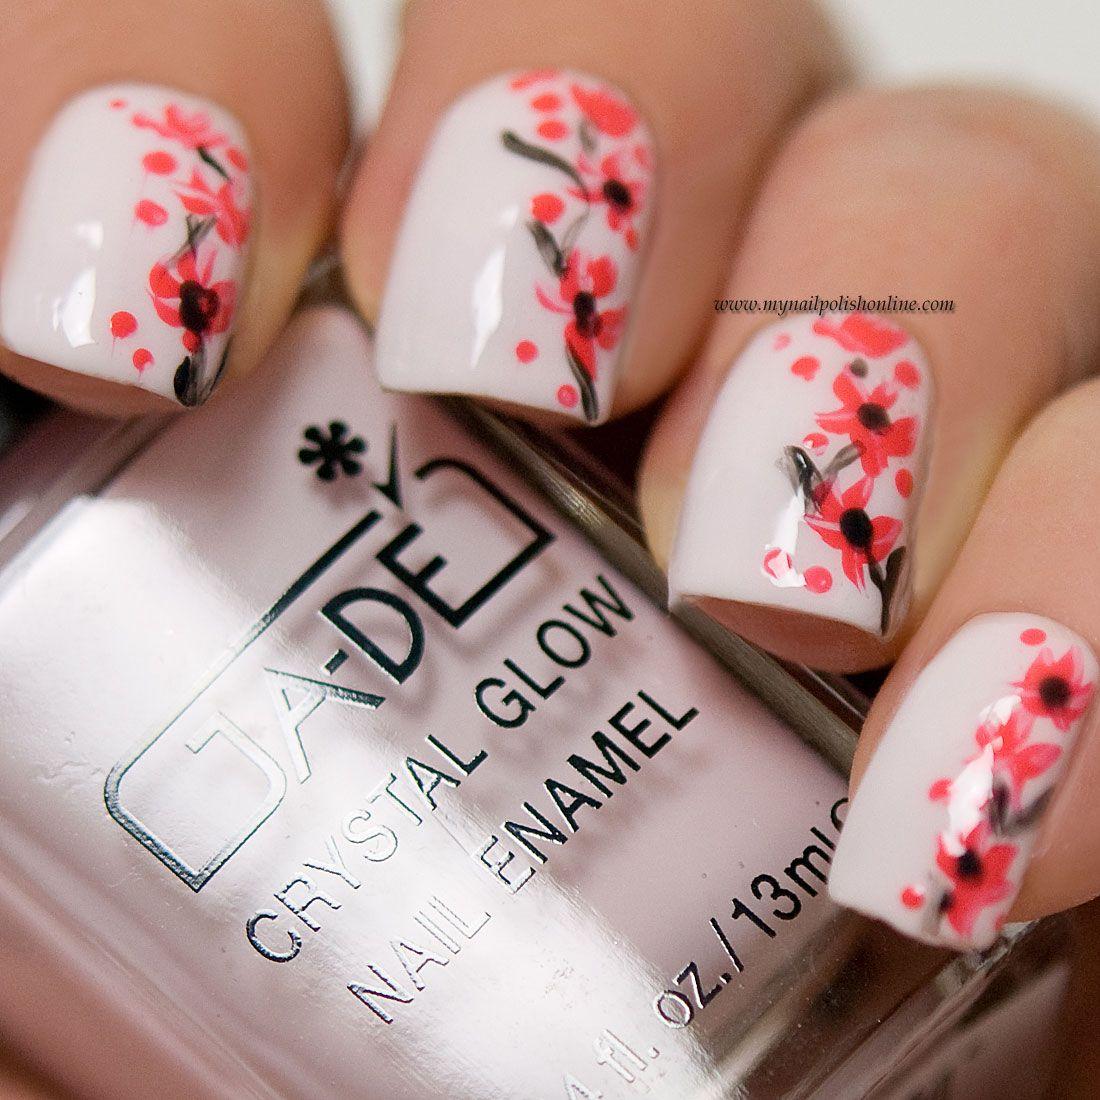 Floral nail art (My Nail Polish Online) | Nail polish online ...